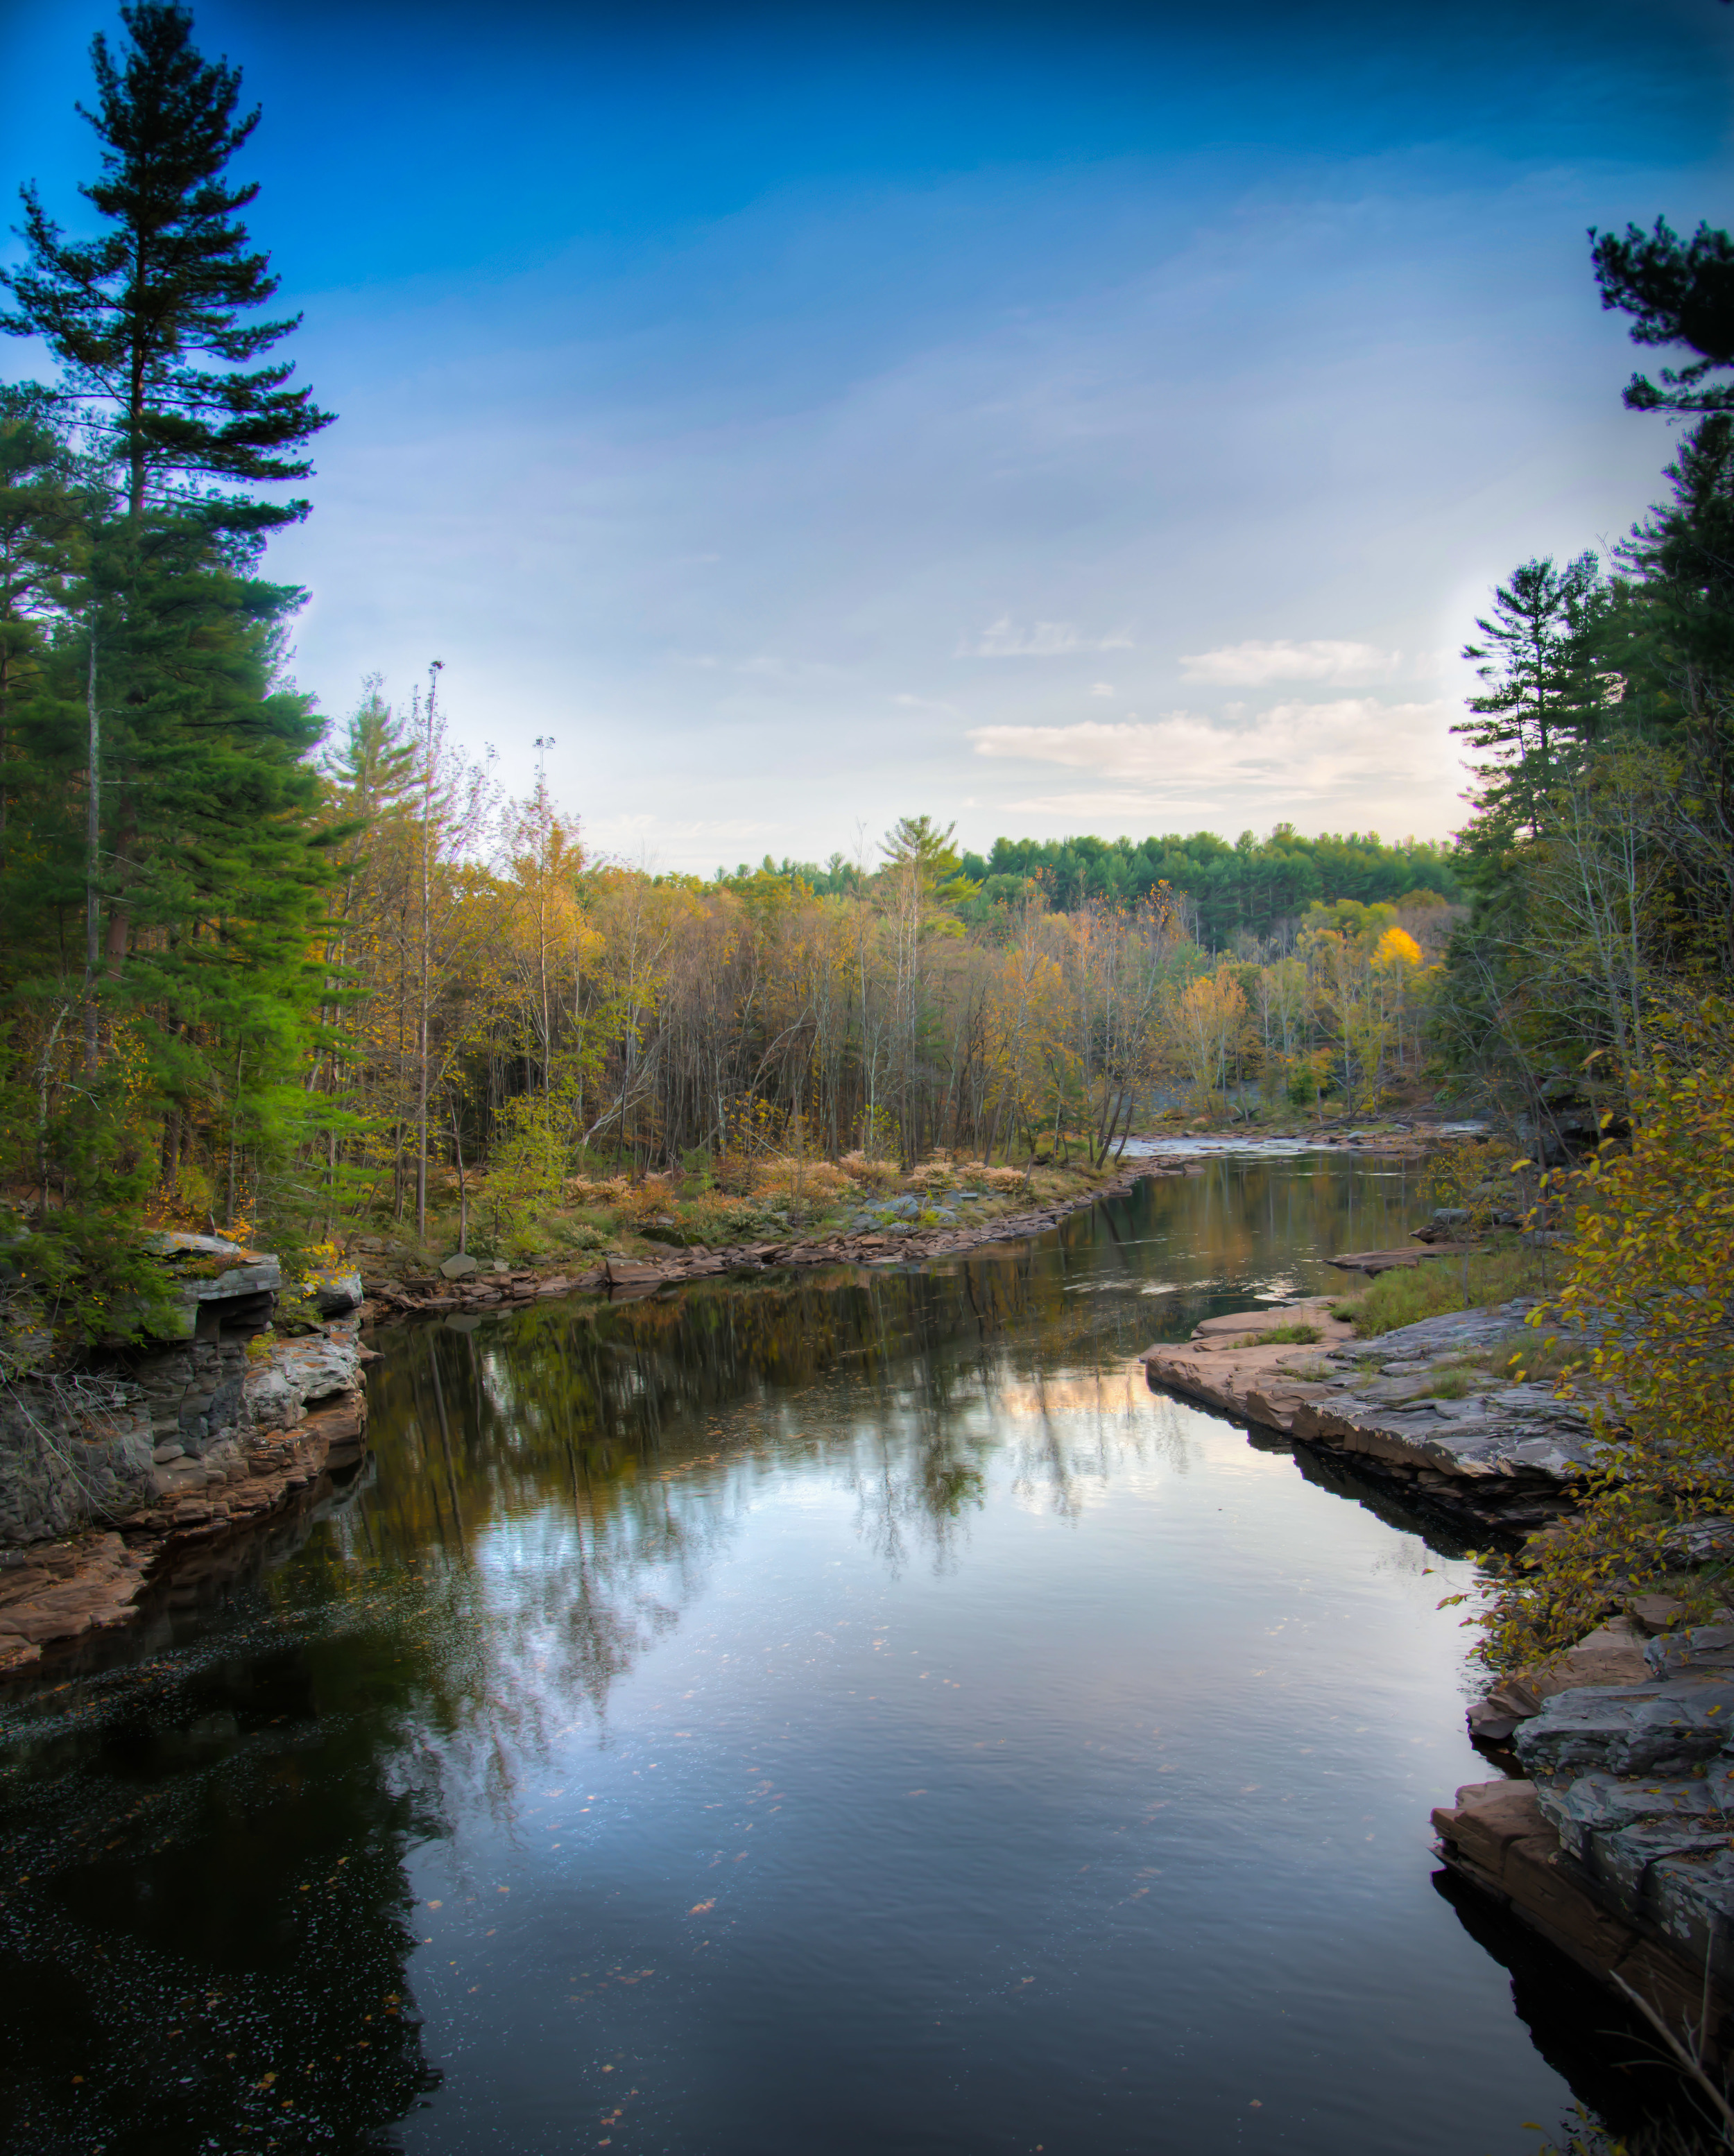 imble River, PA